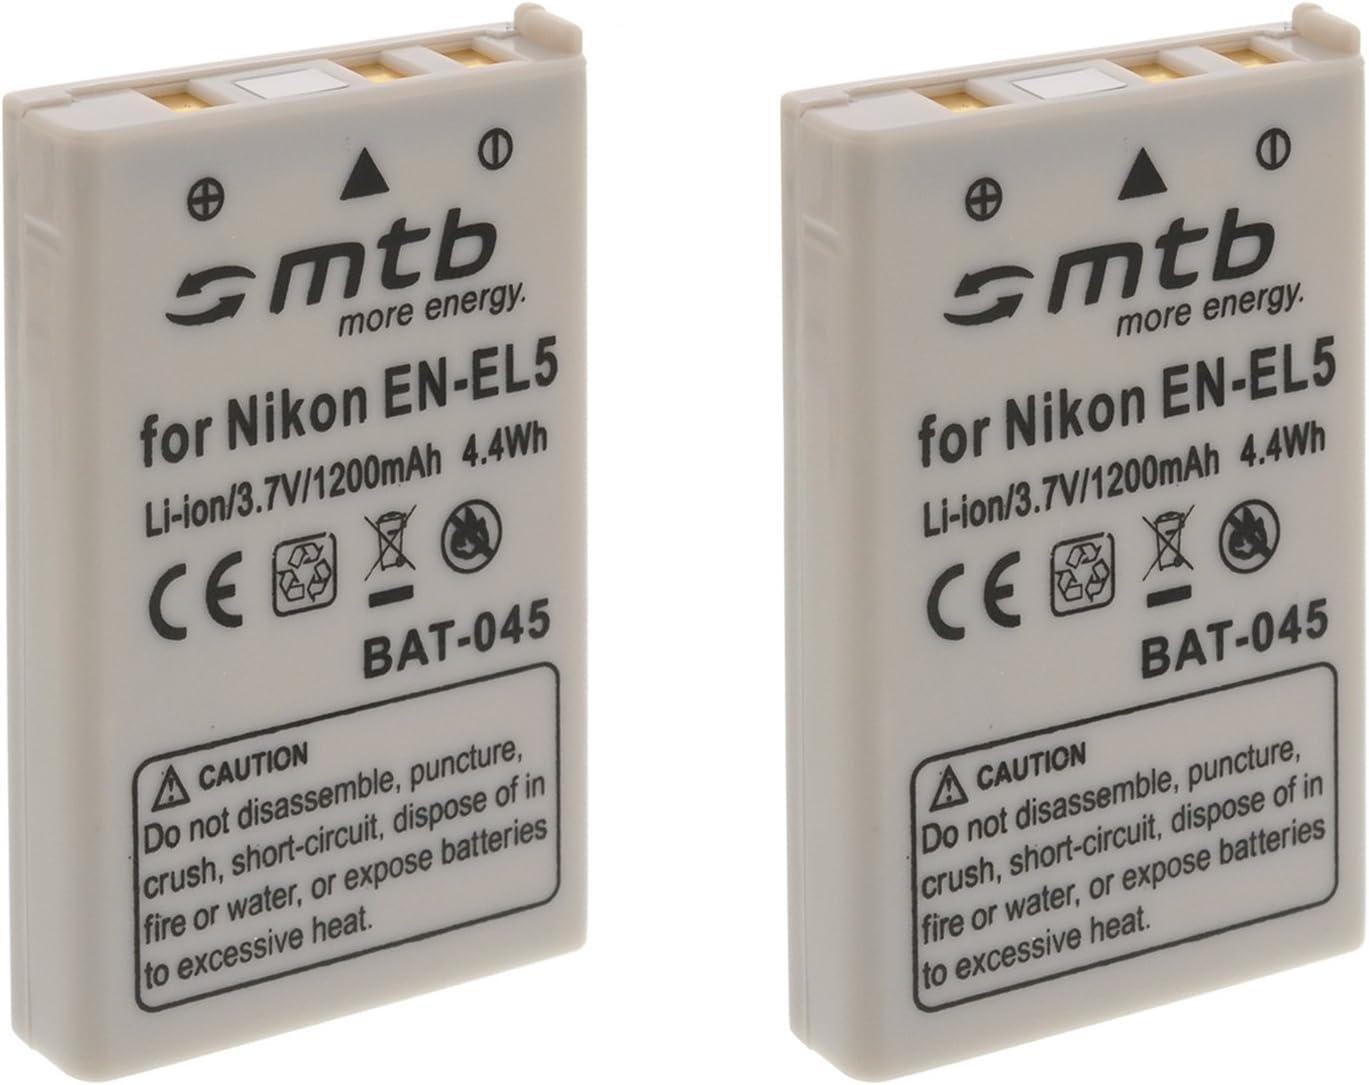 2X Batería EN-EL5 para Nikon Coolpix P80, P90, P100, P500, P510, P5000.Ver Lista!